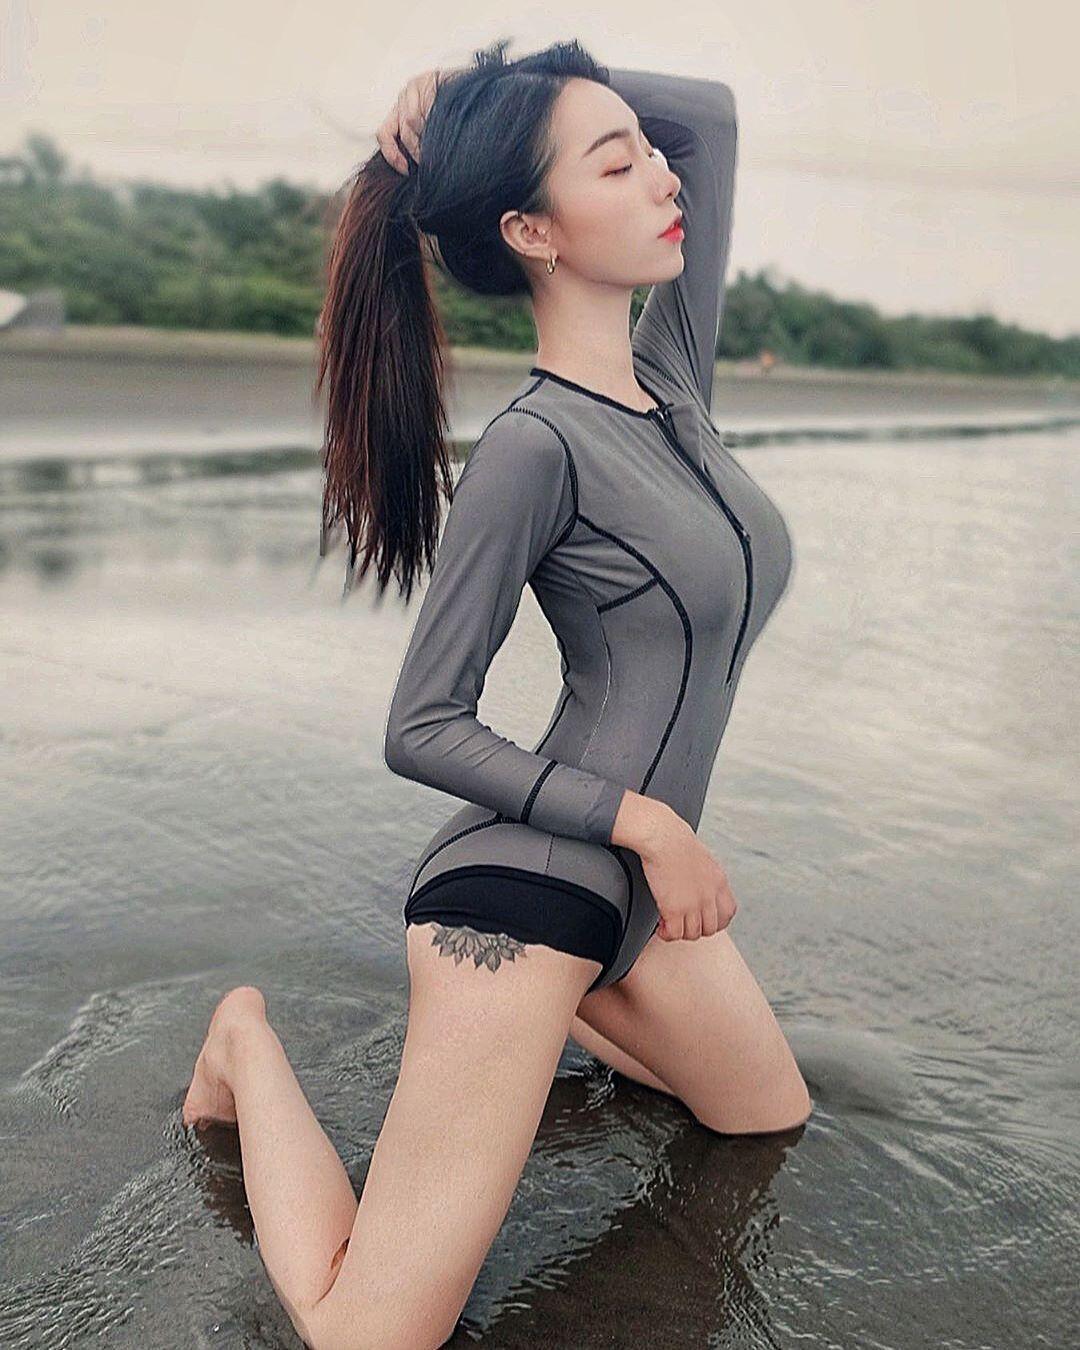 uD8fKl - 直播正妹—飄飄